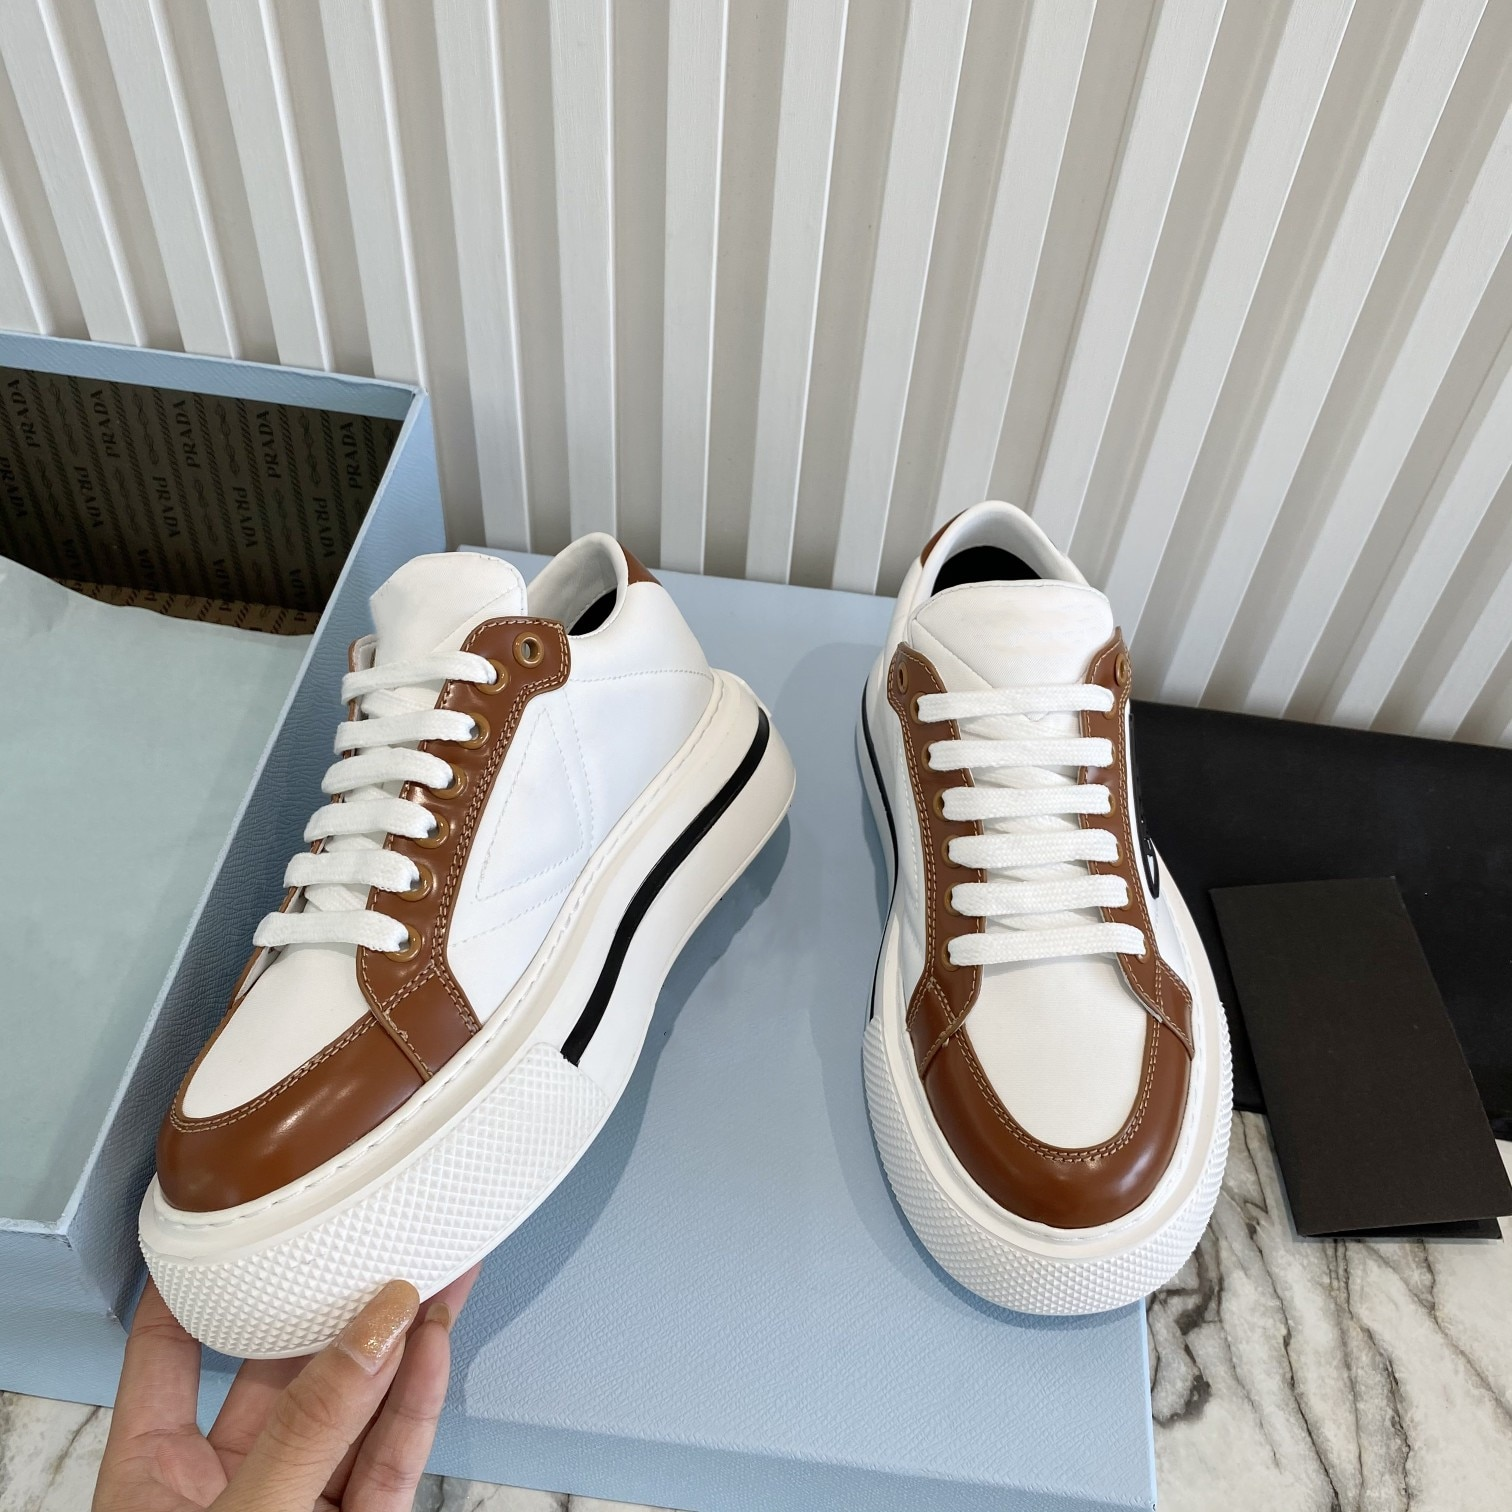 2021 أفضل أحذية نسائية رياضية جلدية احذية الجري جلدية في الهواء الطلق مريحة الترفيه زوجين اللياقة البدنية أحذية عالية الجودة العلامة التجارية